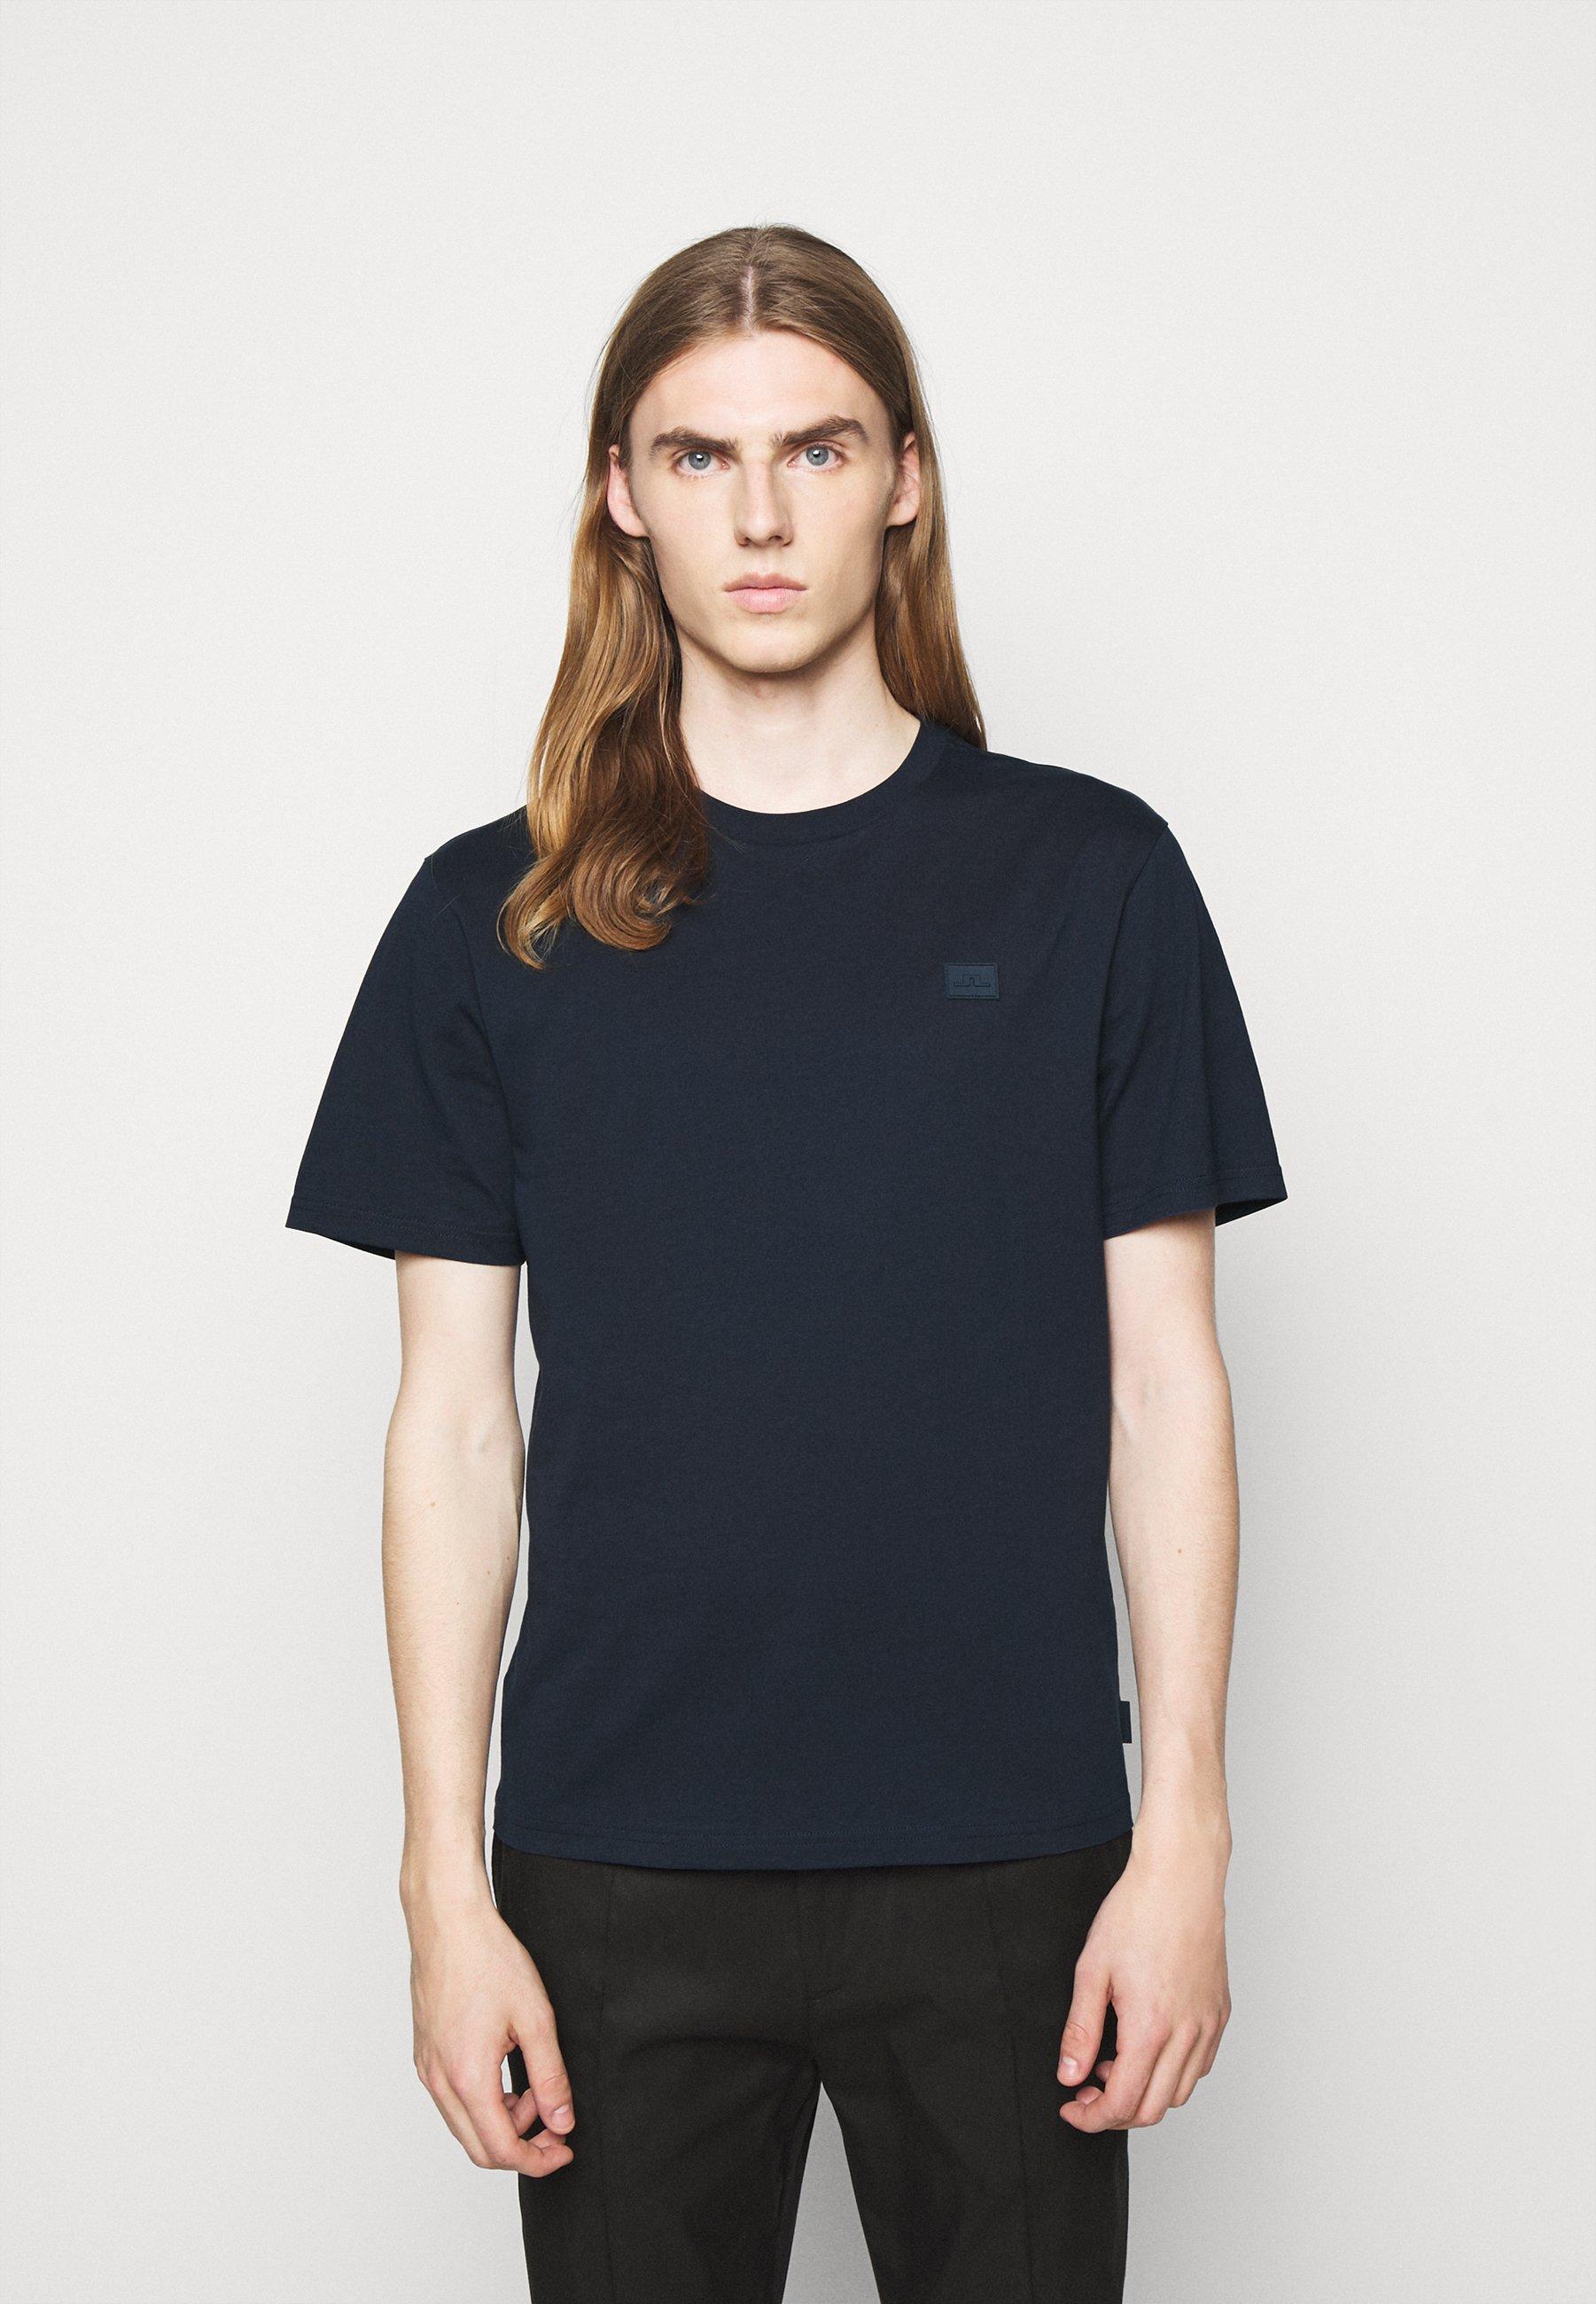 Homme DALE LOGO PATCH - T-shirt basique